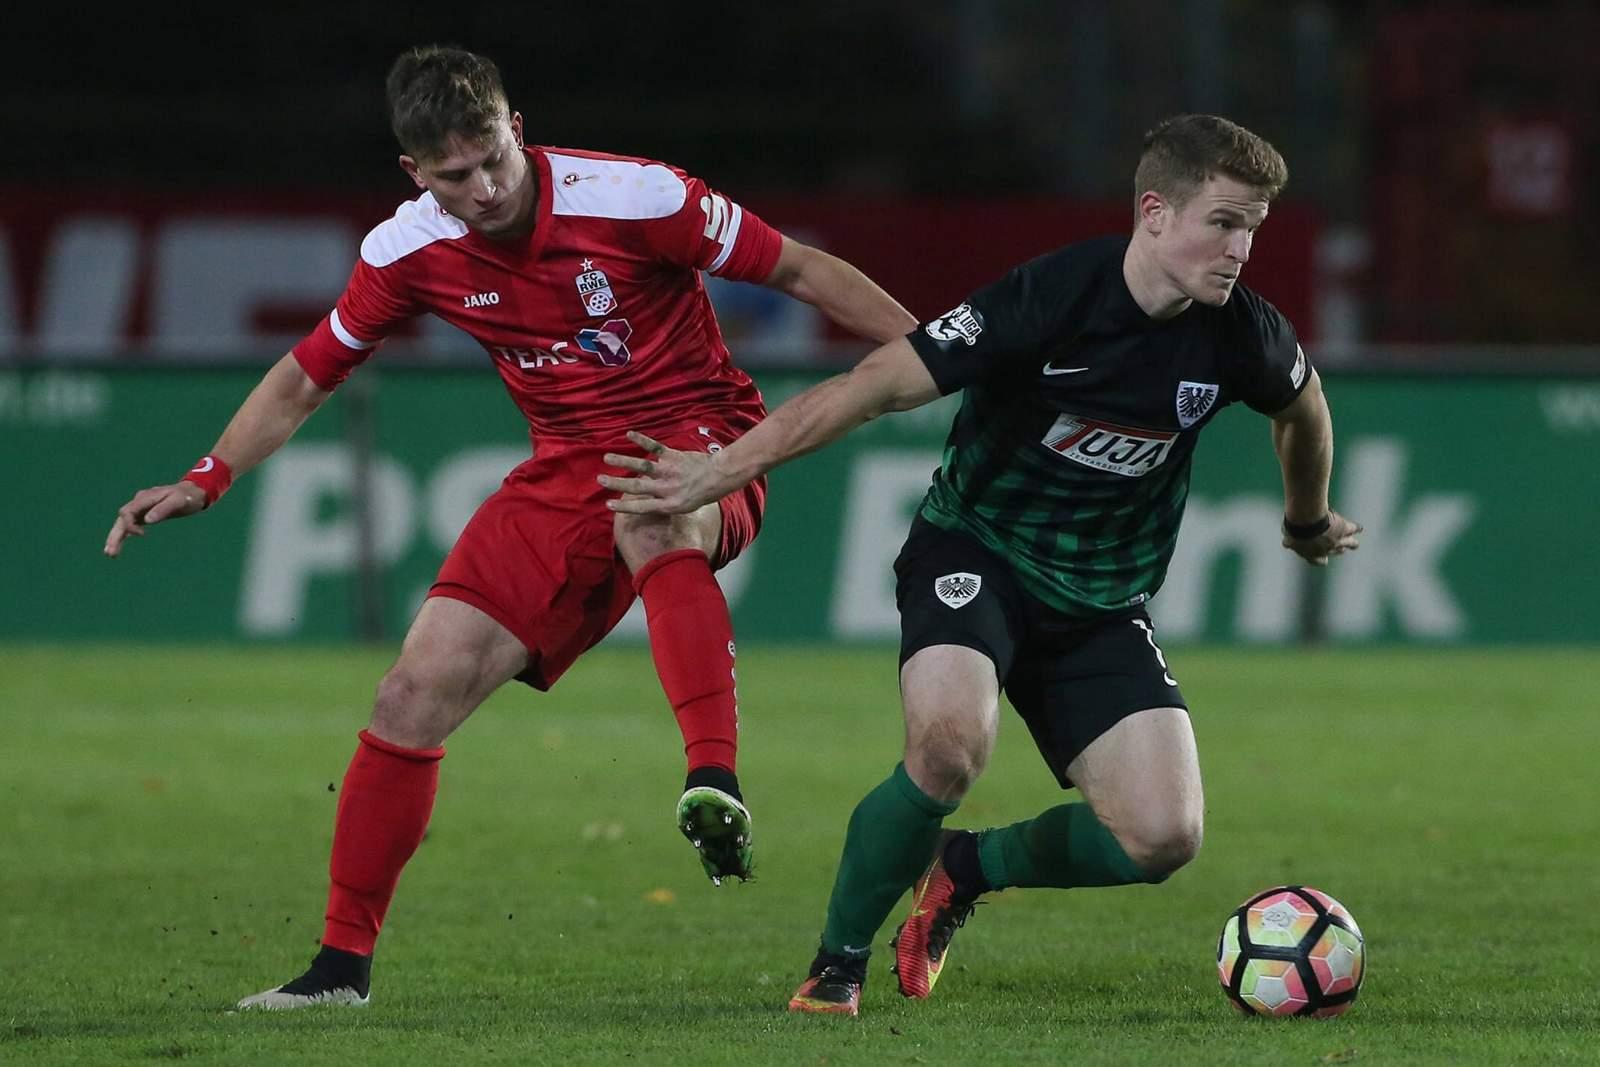 Tobias Rühle, SC Preußen Münster, und Tugay Uzan, RW Erfurt, kämpen um den Ball